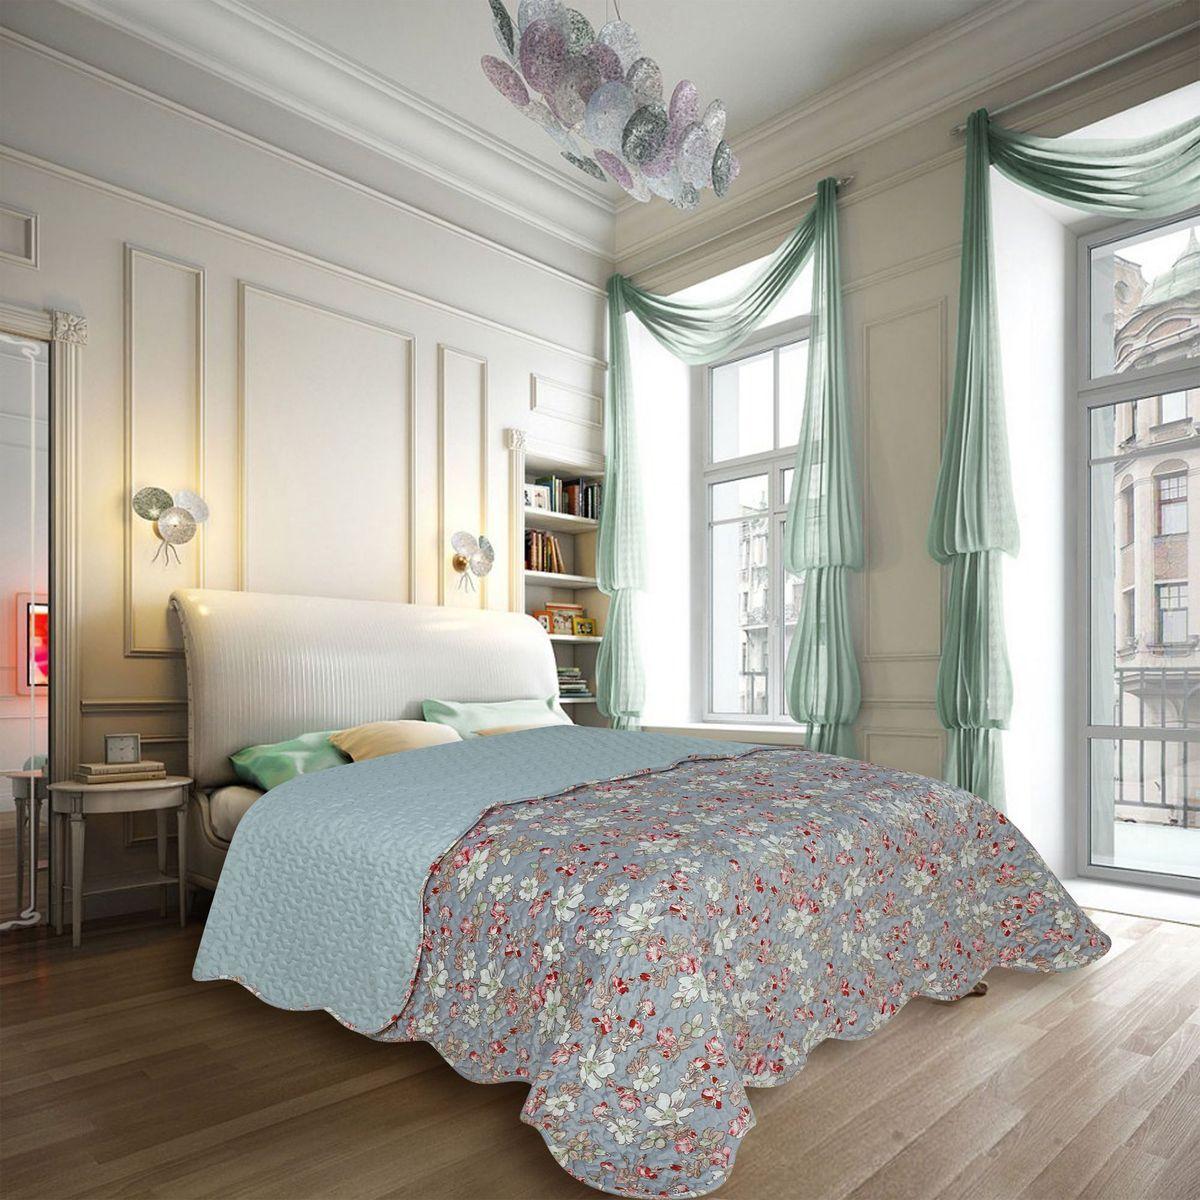 Покрывало Amore Mio Decor, 220 х 240 см85834Покрывало Amore Mio в в элегантном городском стиле, изысканные цветы на фоне тального серого орнамента, украсит любую спальню.